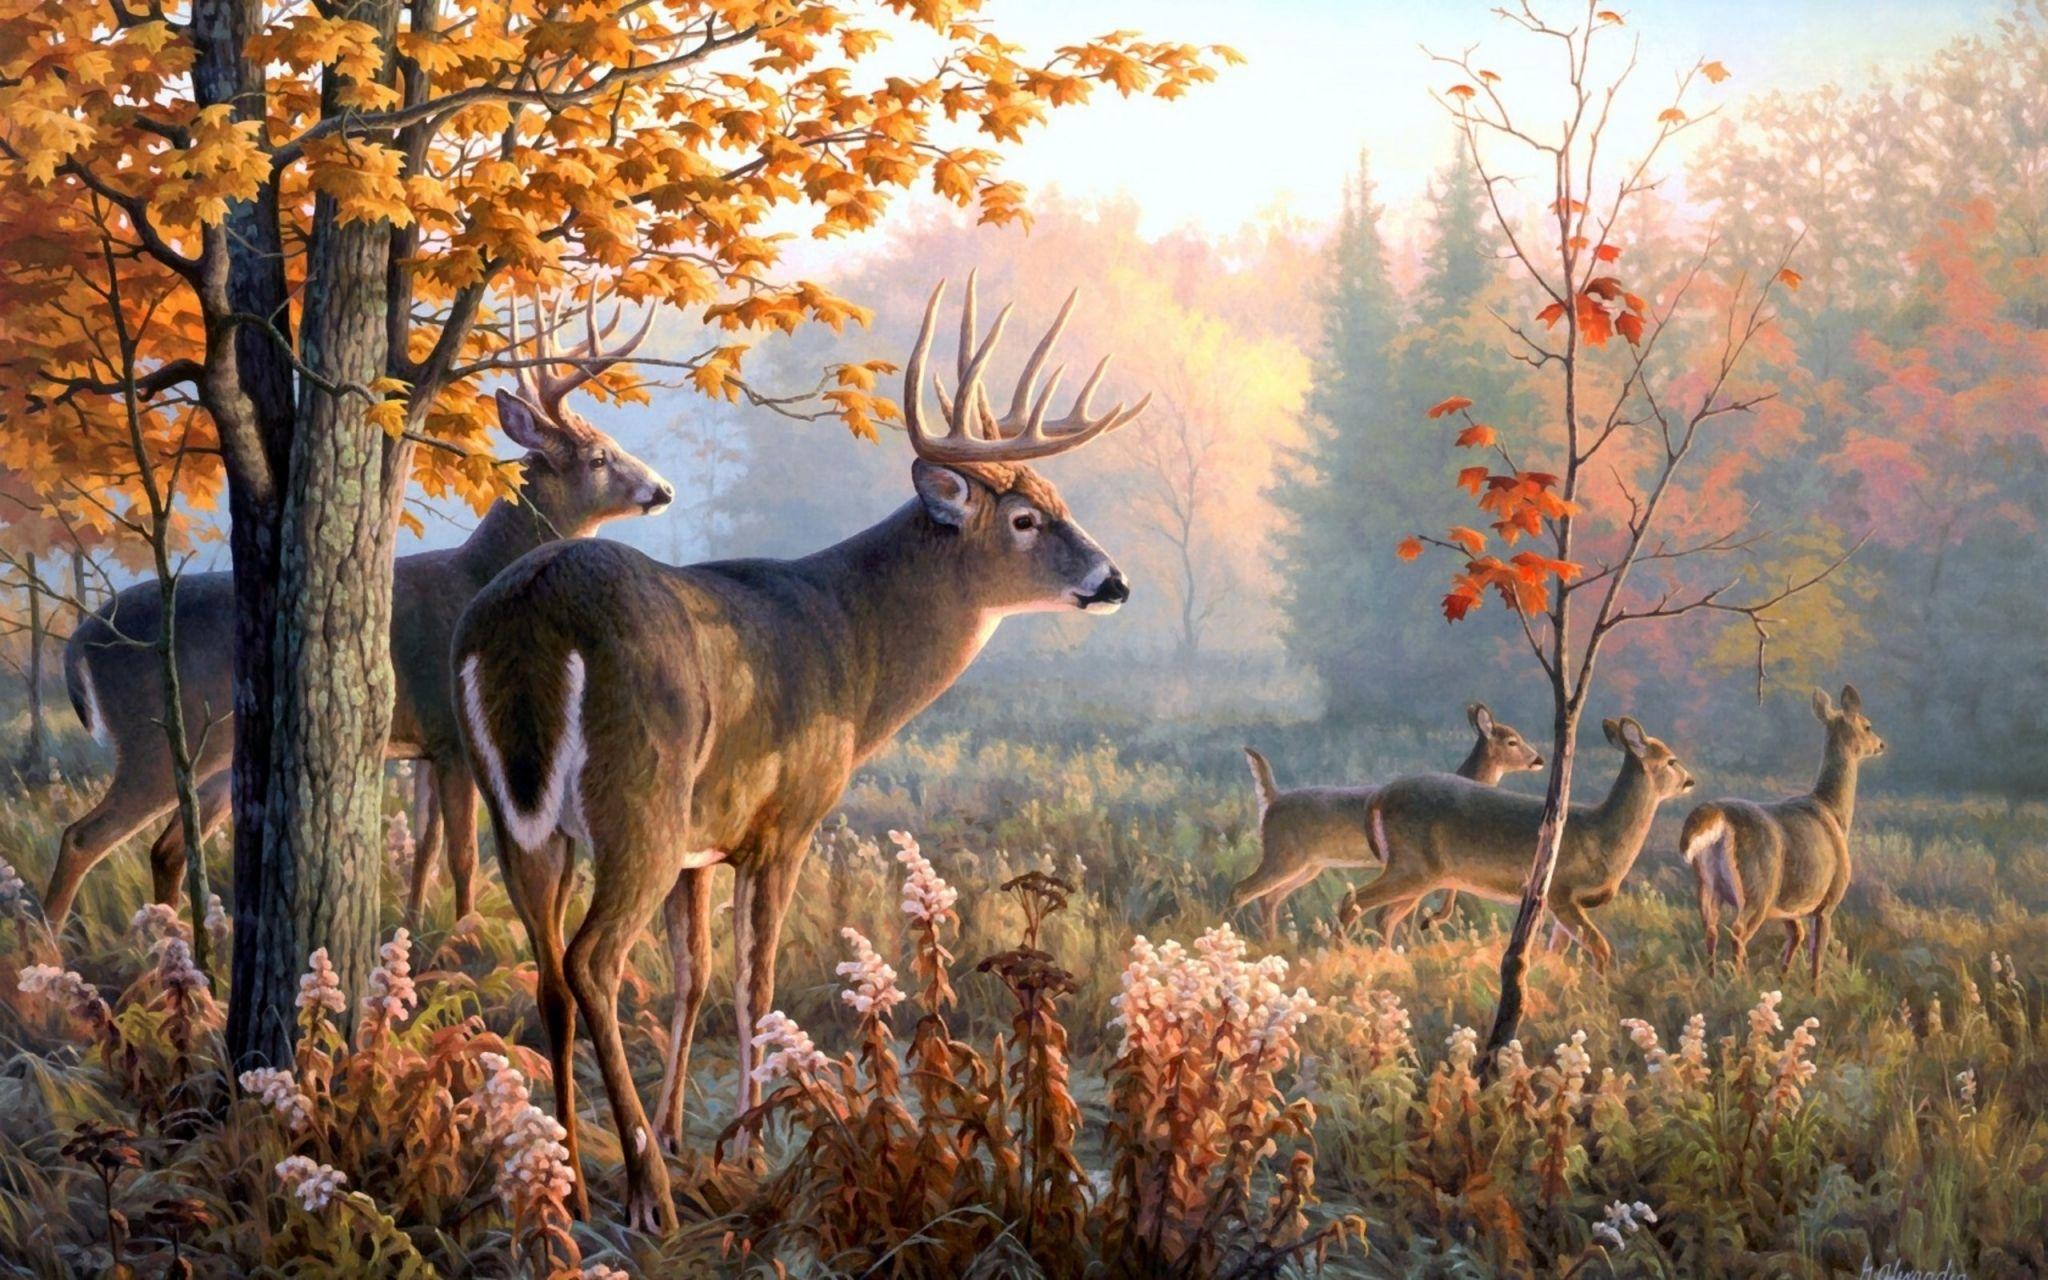 2048x1280 deer hd wallpapers 1080p high quality Deer